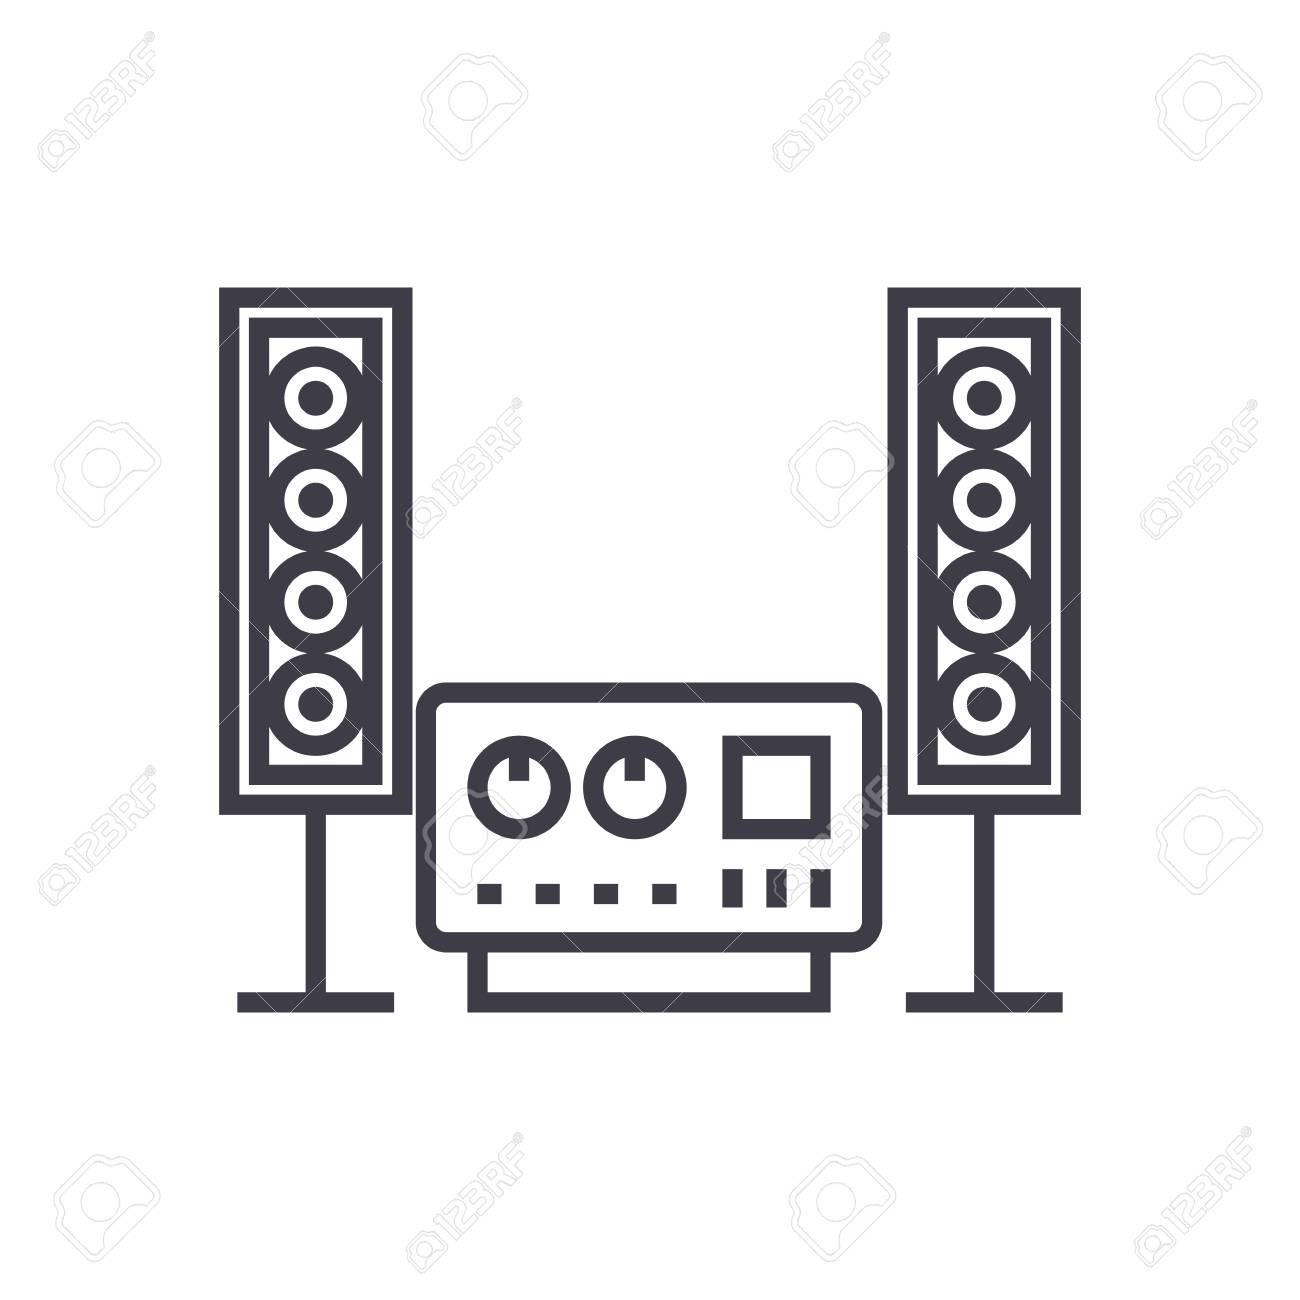 stereo son icone de ligne vectorielle de systeme hi fi signe illustration sur fond blanc coups modifiables